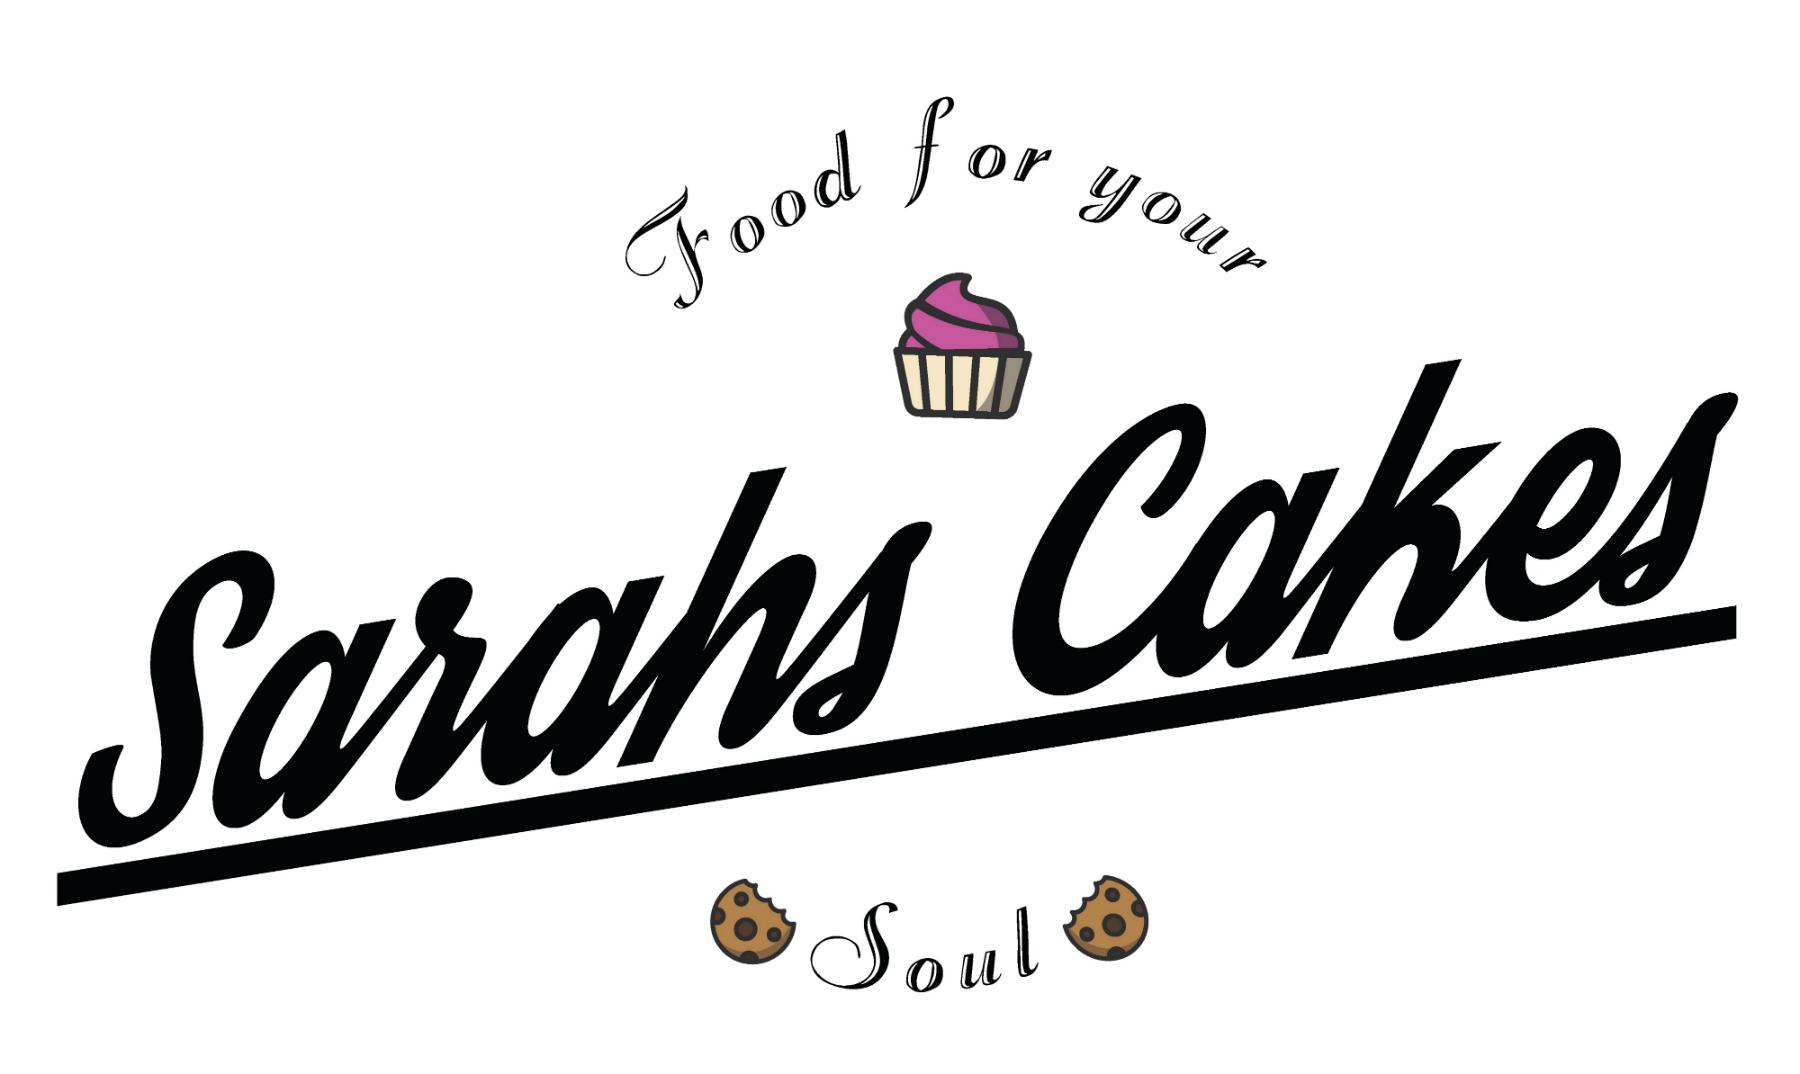 Sarahs Cakes